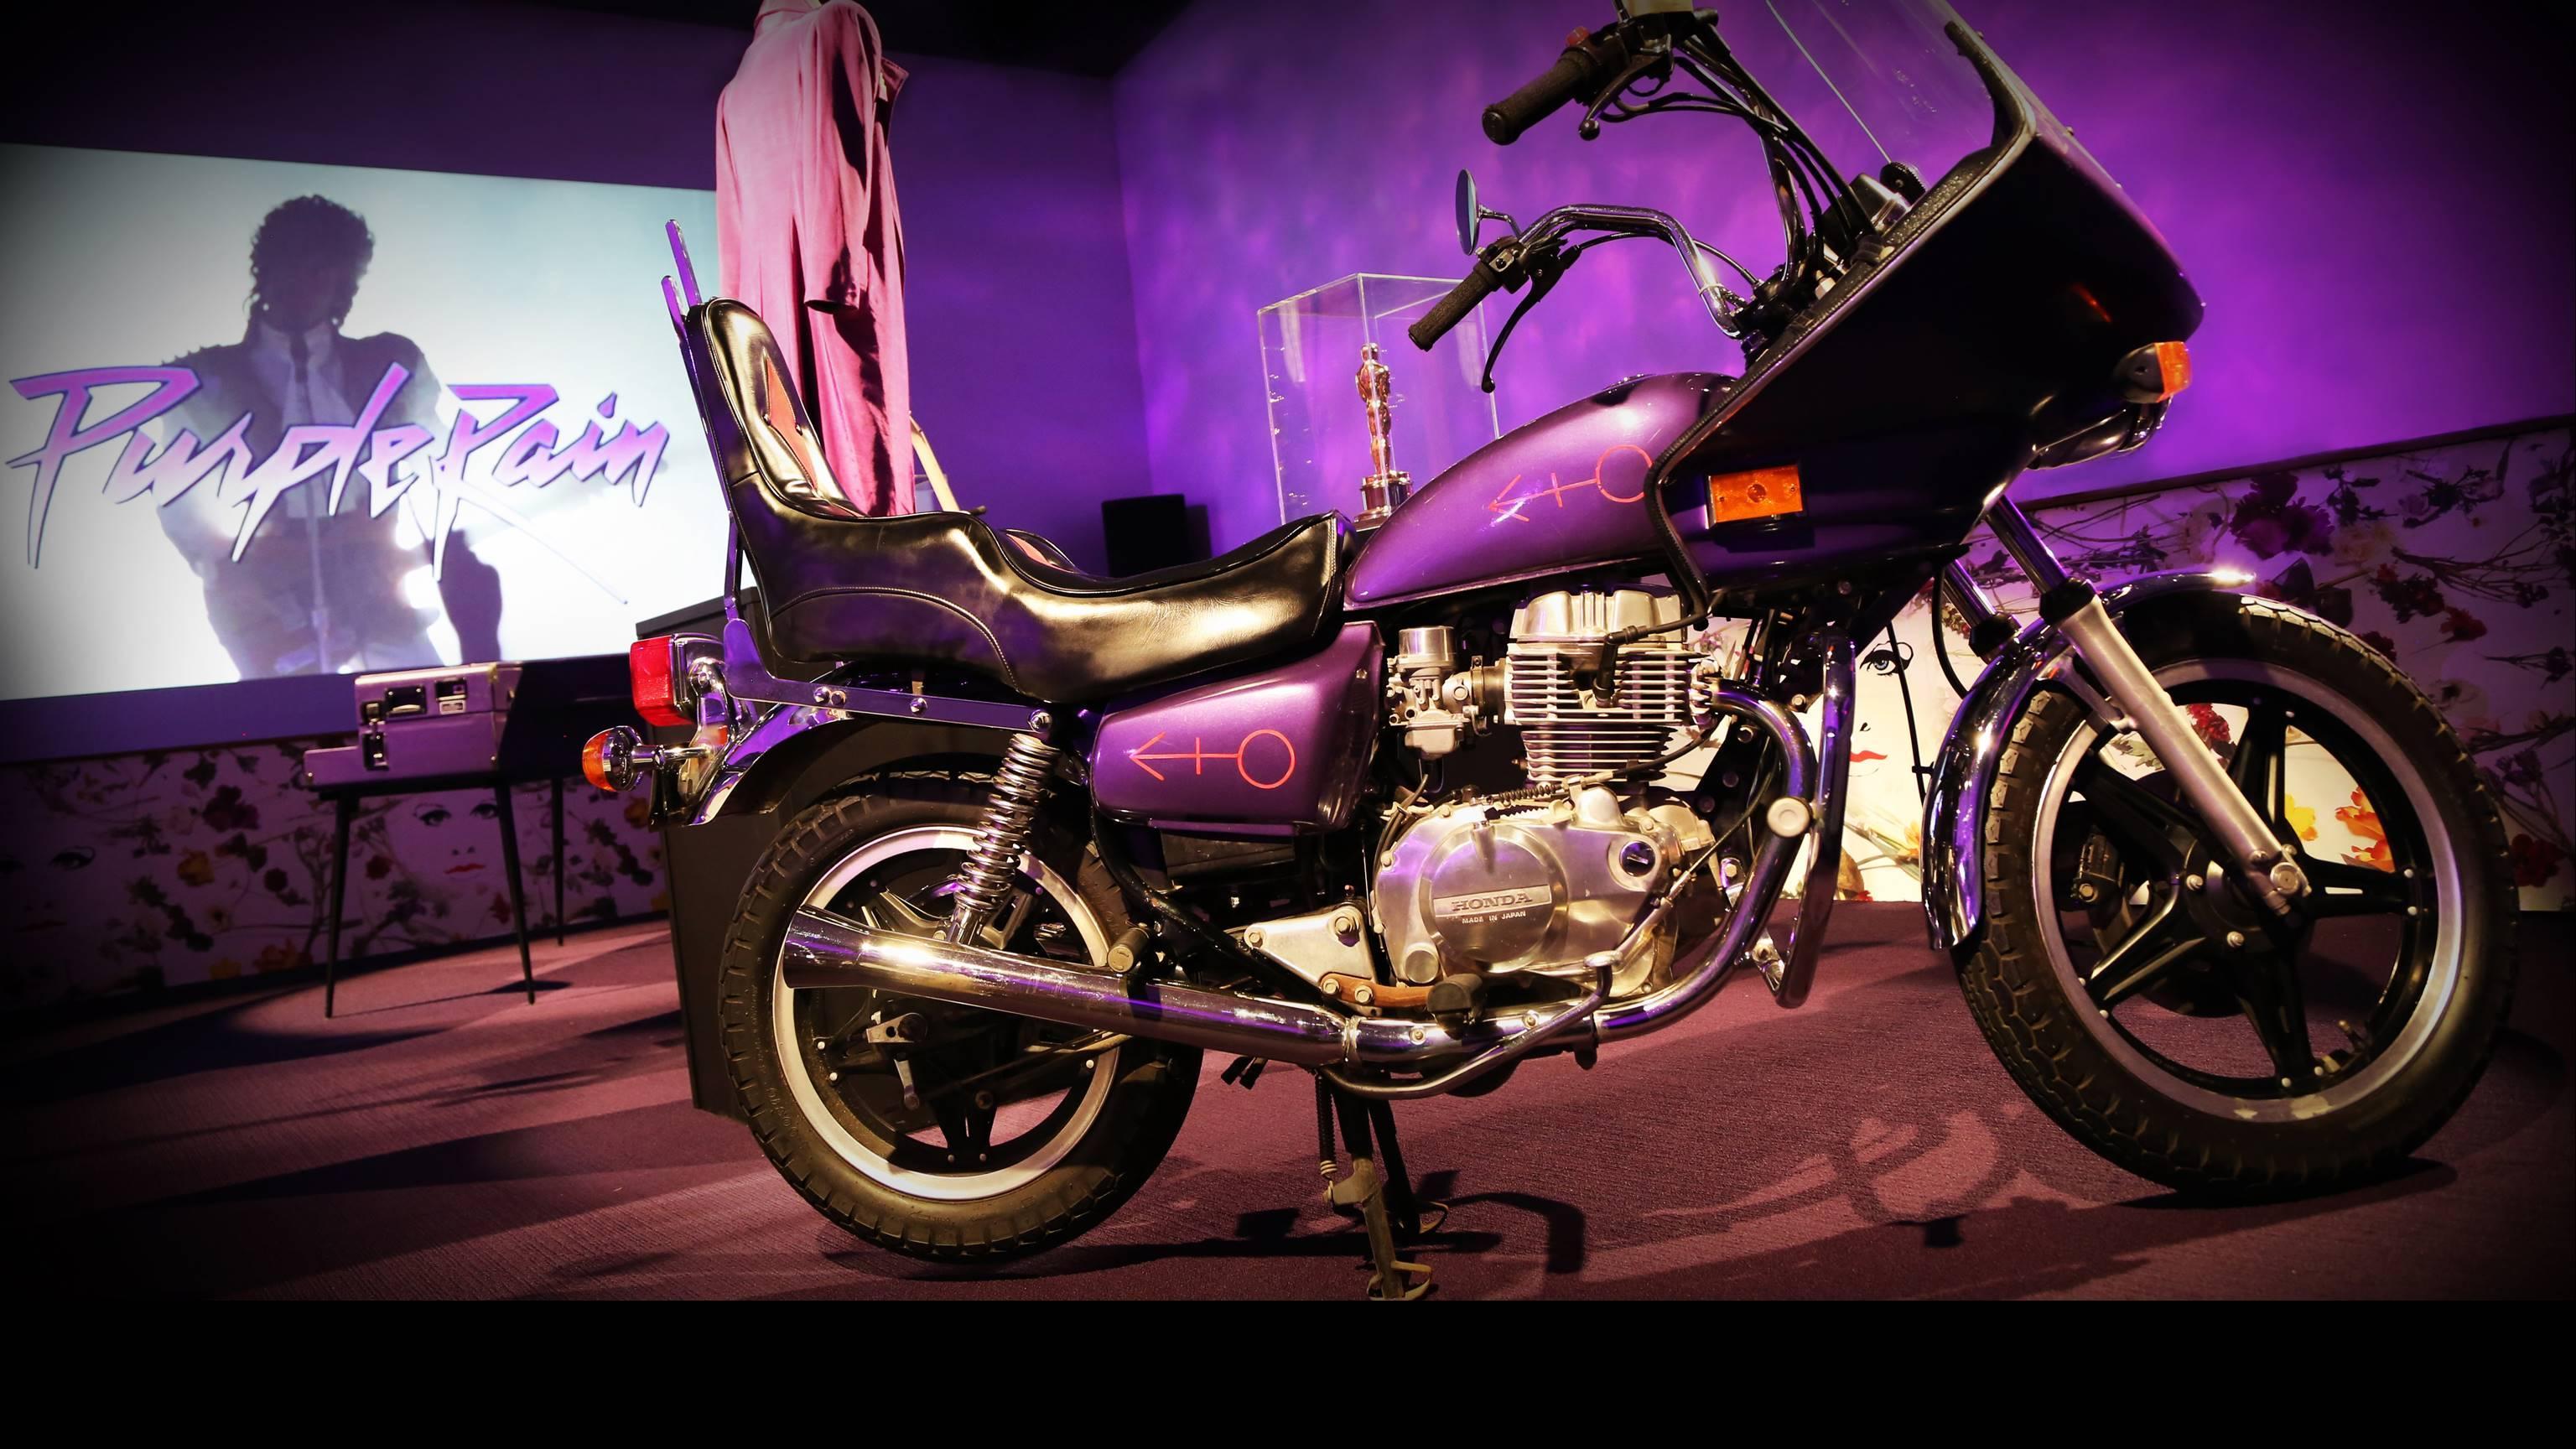 パープル・レイン・ルームに展示された映画に登場した紫のモーターサイクル photo courtesy of Paisley Park - NPG Records